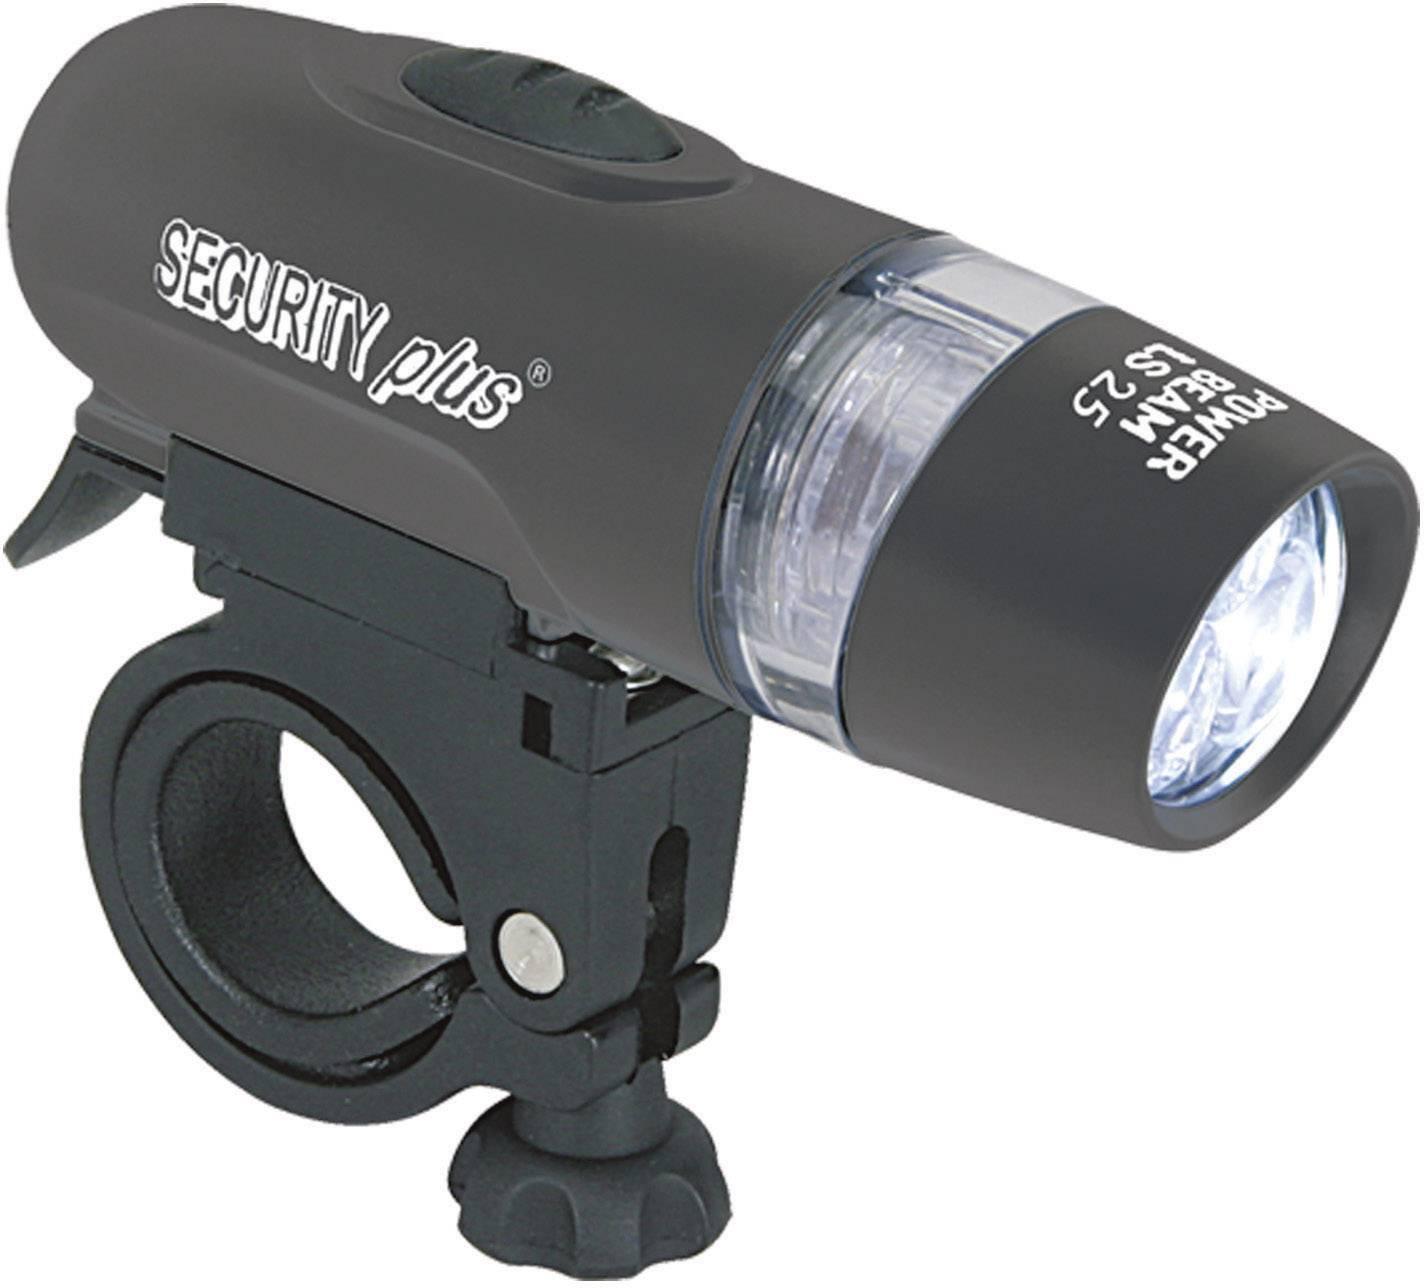 Bezpečnostní osvětlení na kolo/oděv, bílá Security Plus 0025, LS25